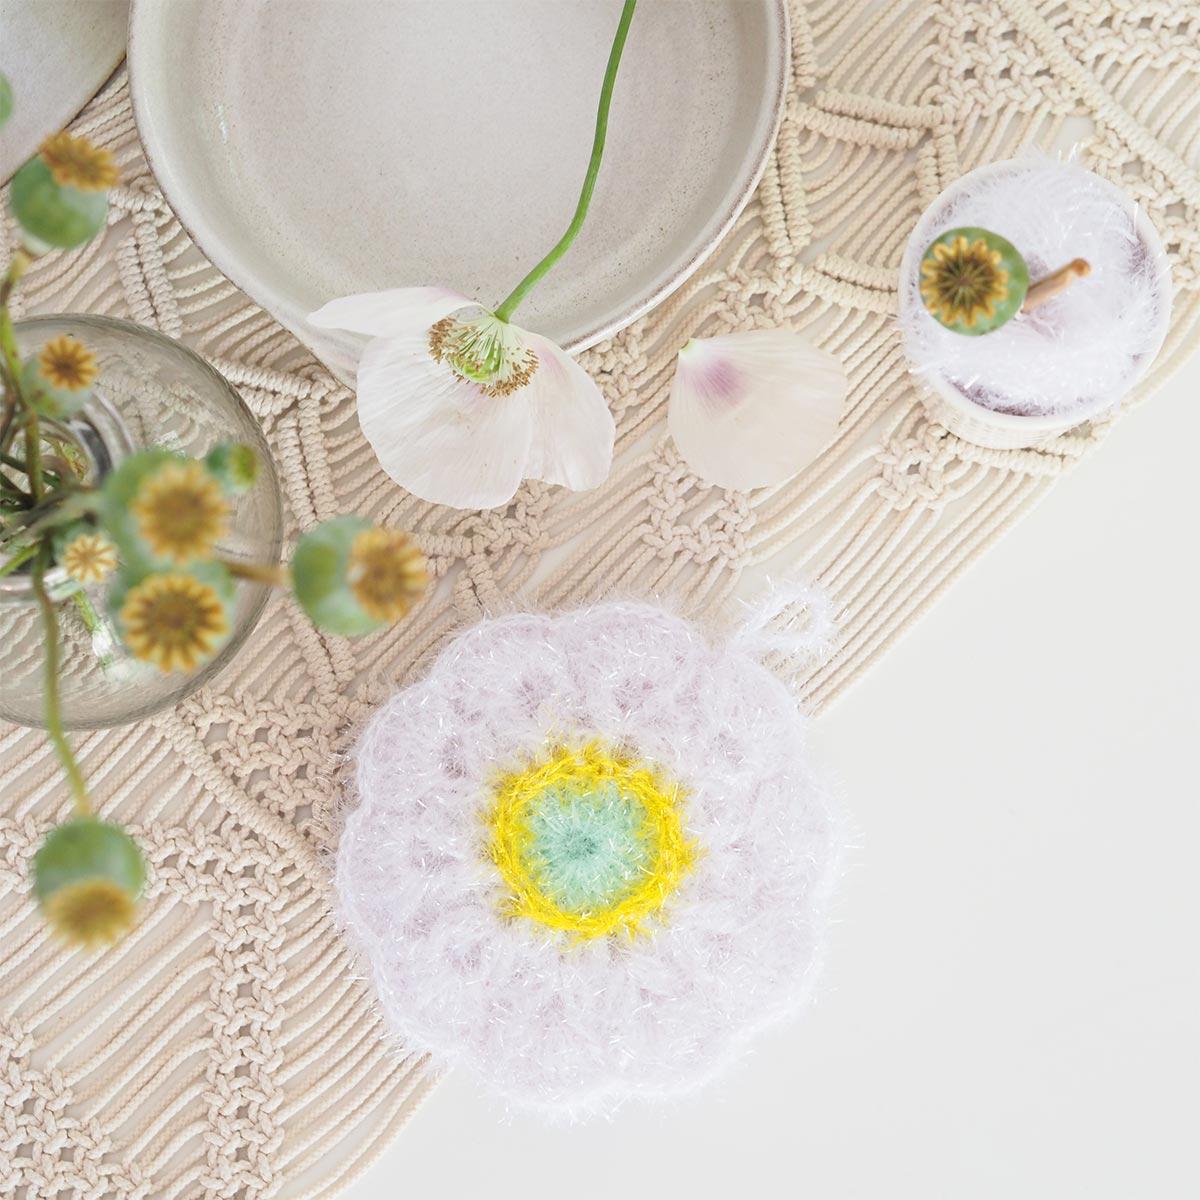 crochet éponge tawashi fleur pavot creative bubble ricodesign laboutiquedemelimelo